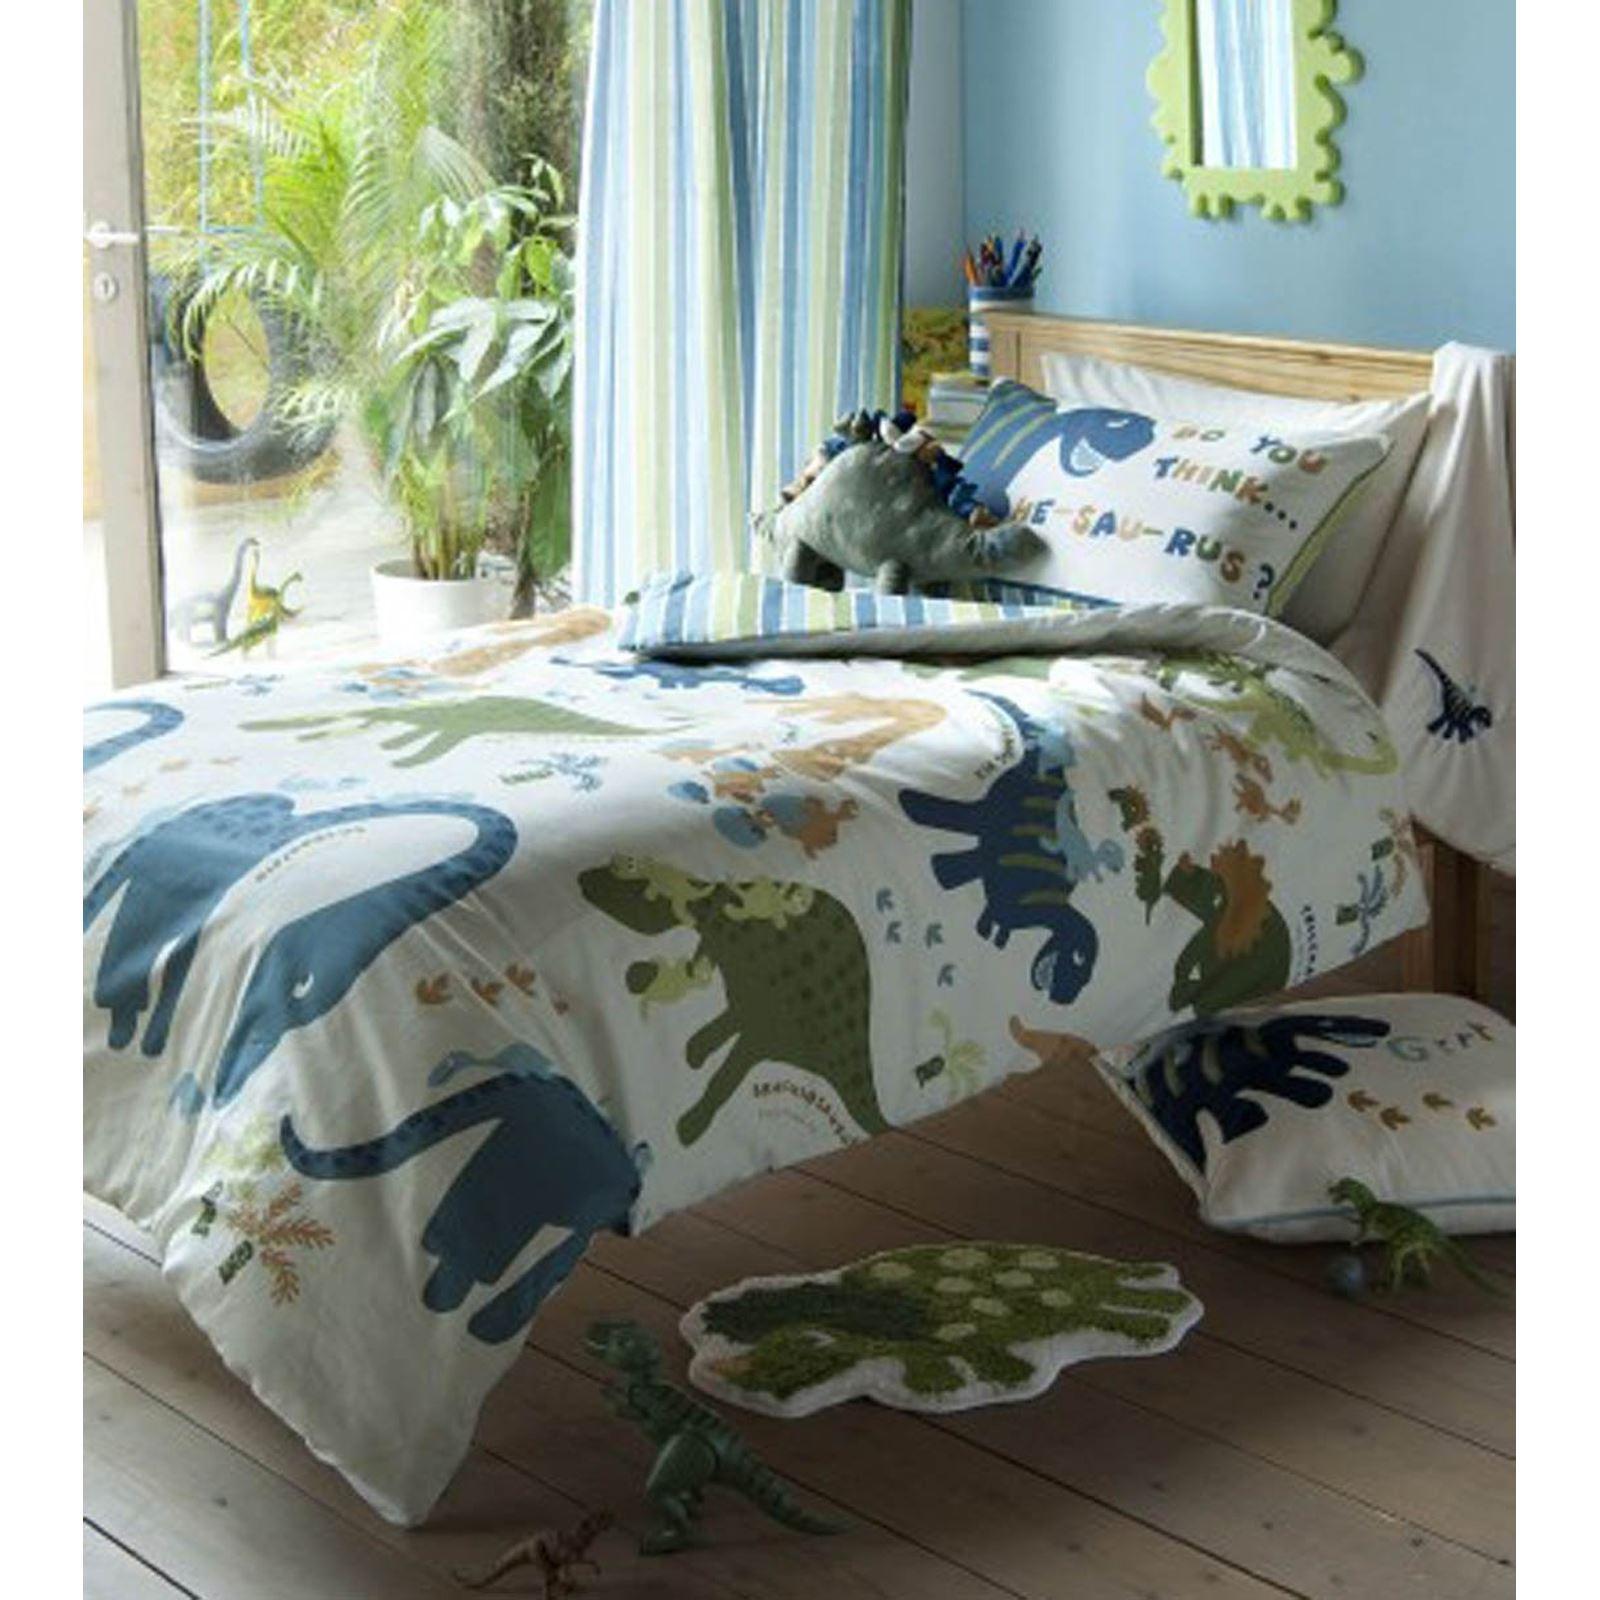 dinosaurier t rex jura bettbezug sets kinder bettw sche junior einzel doppel ebay. Black Bedroom Furniture Sets. Home Design Ideas